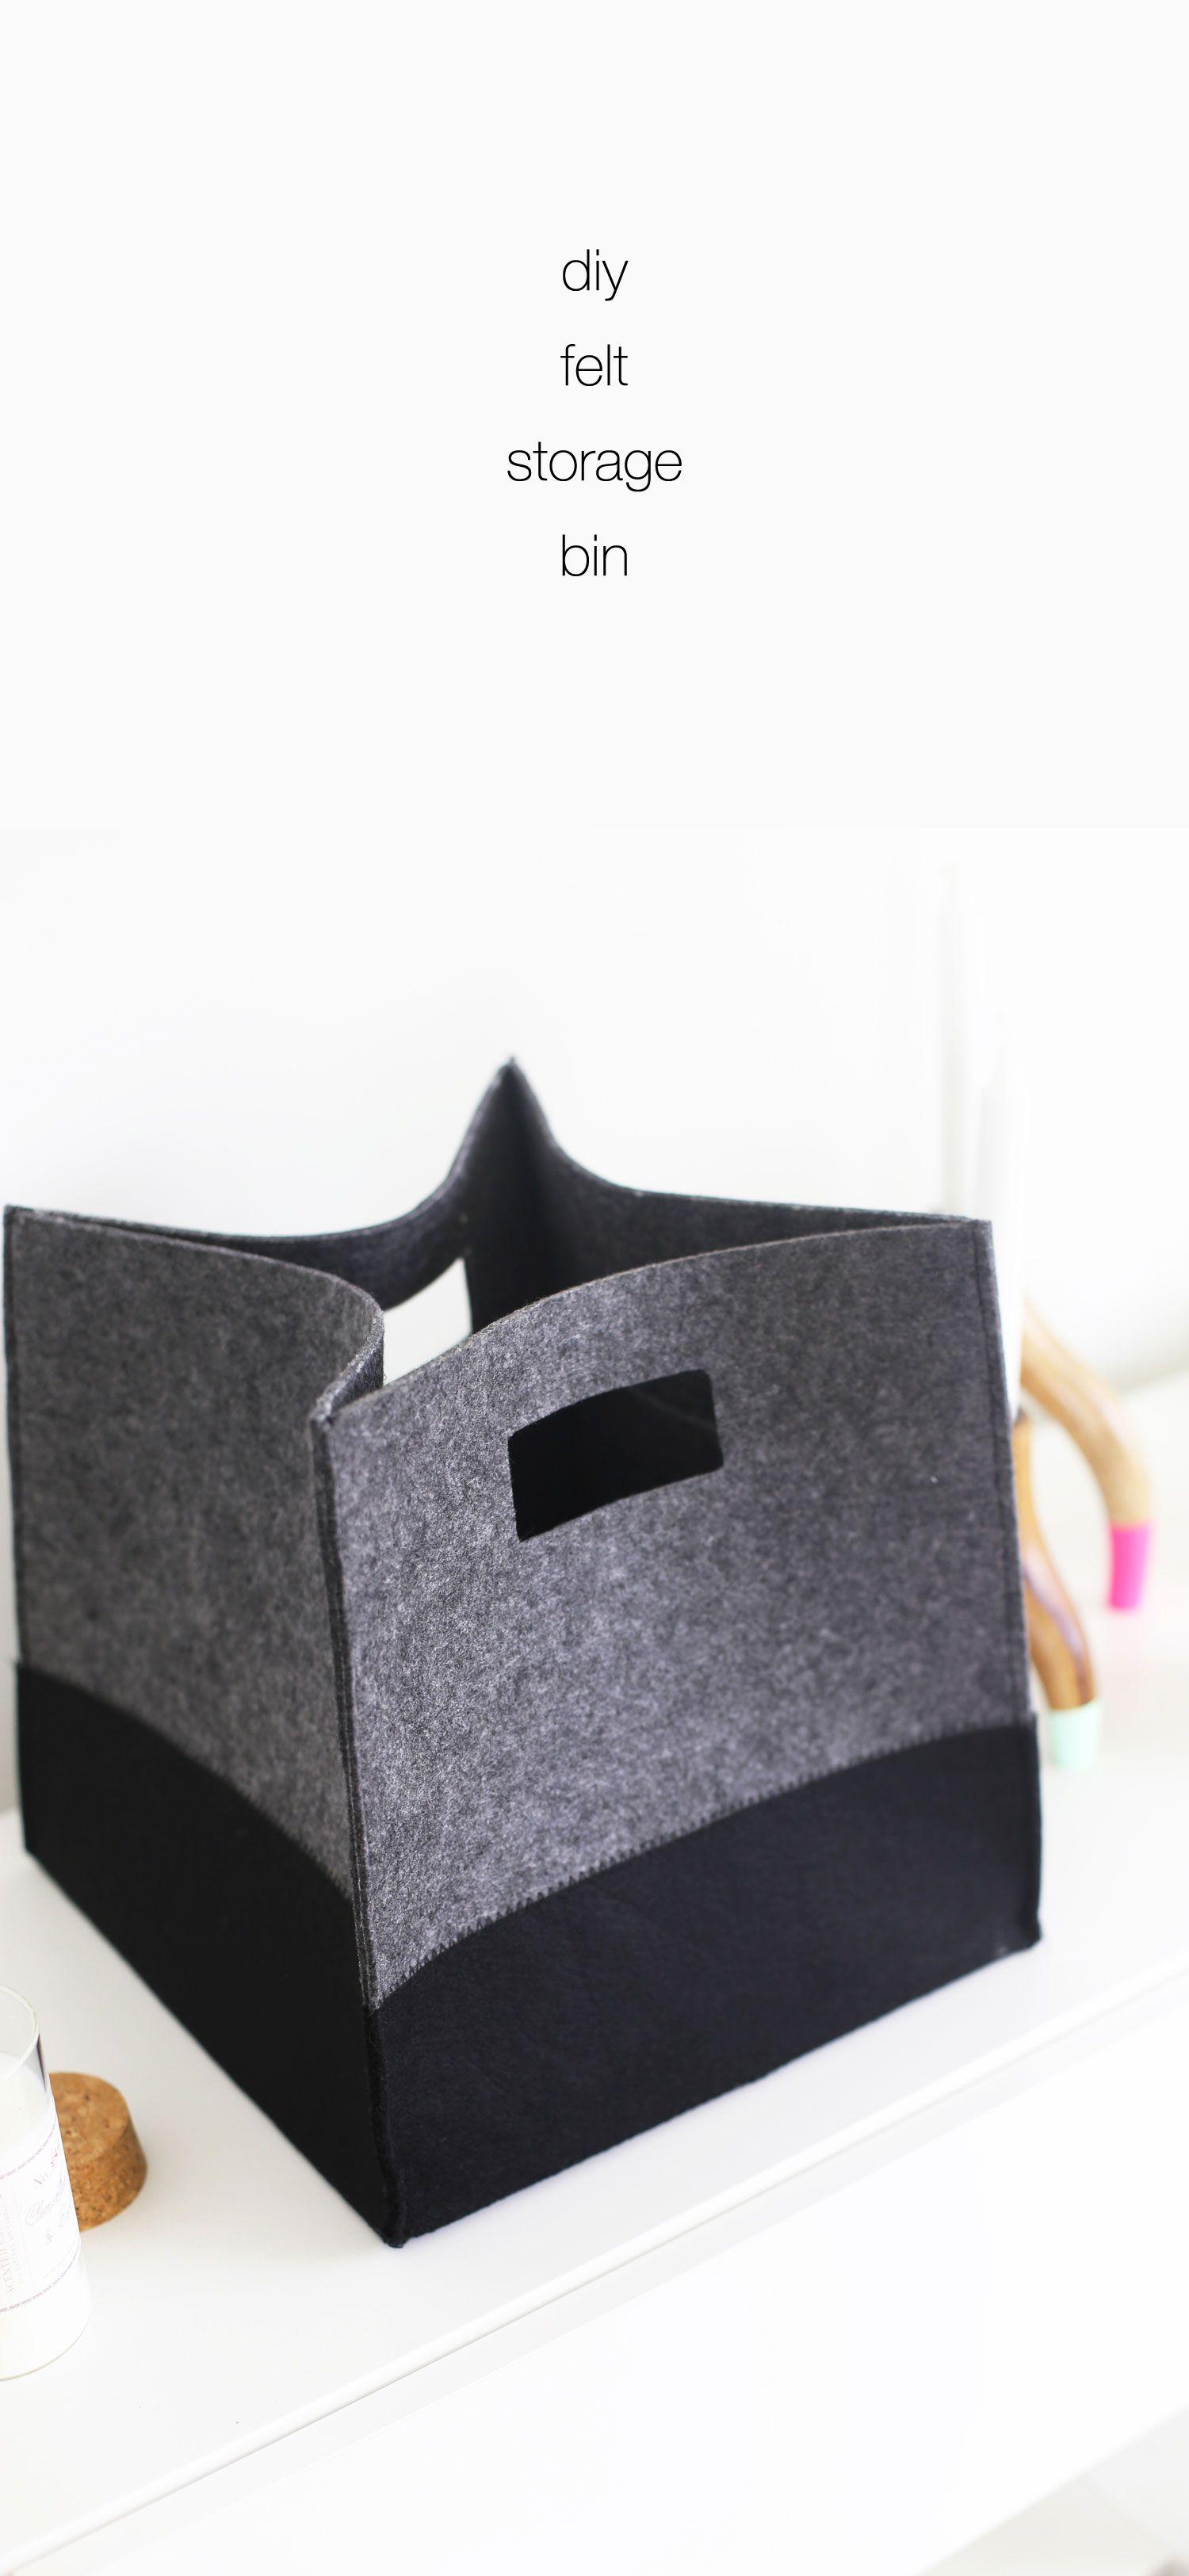 DIY felt storage bin ... a great DIY organization idea